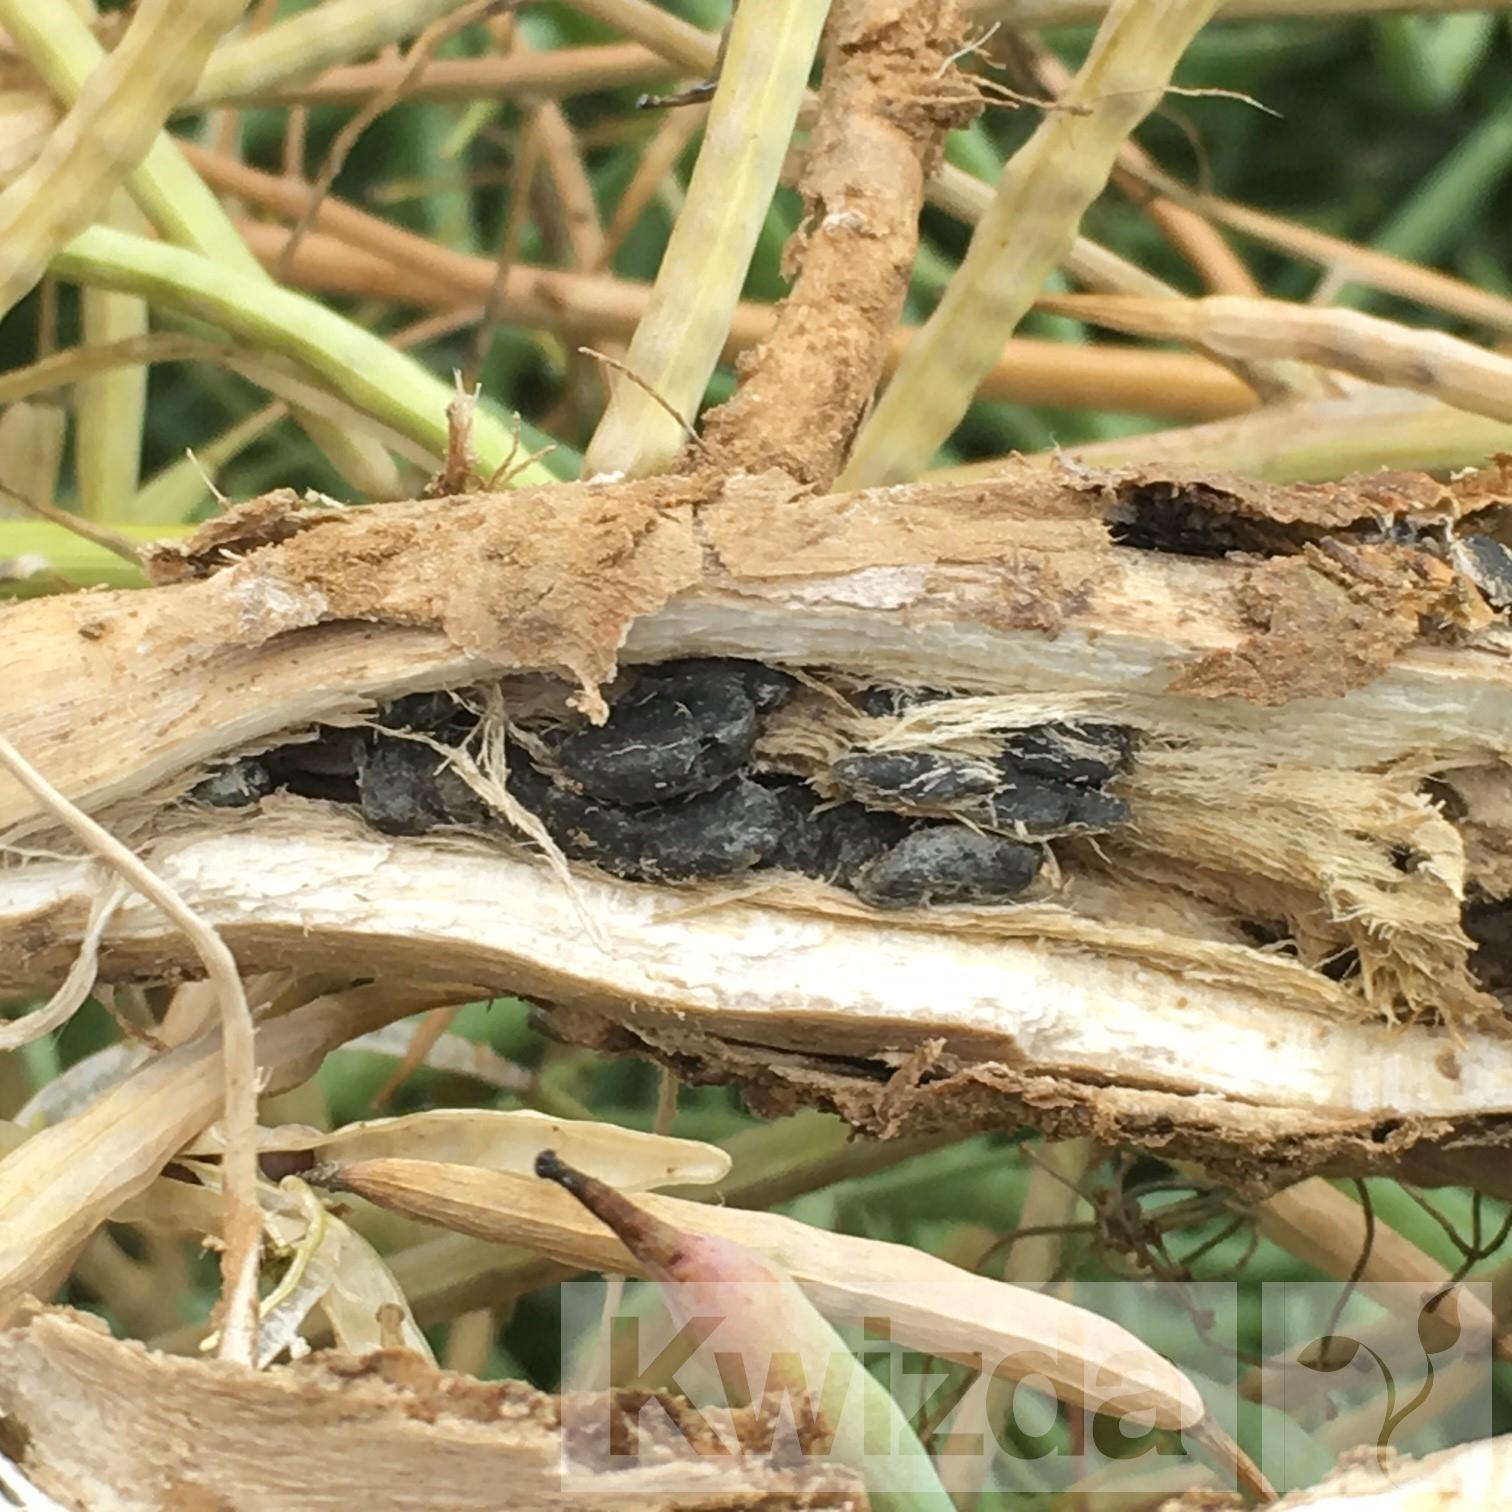 Sklerociji v steblu oljne ogrščice